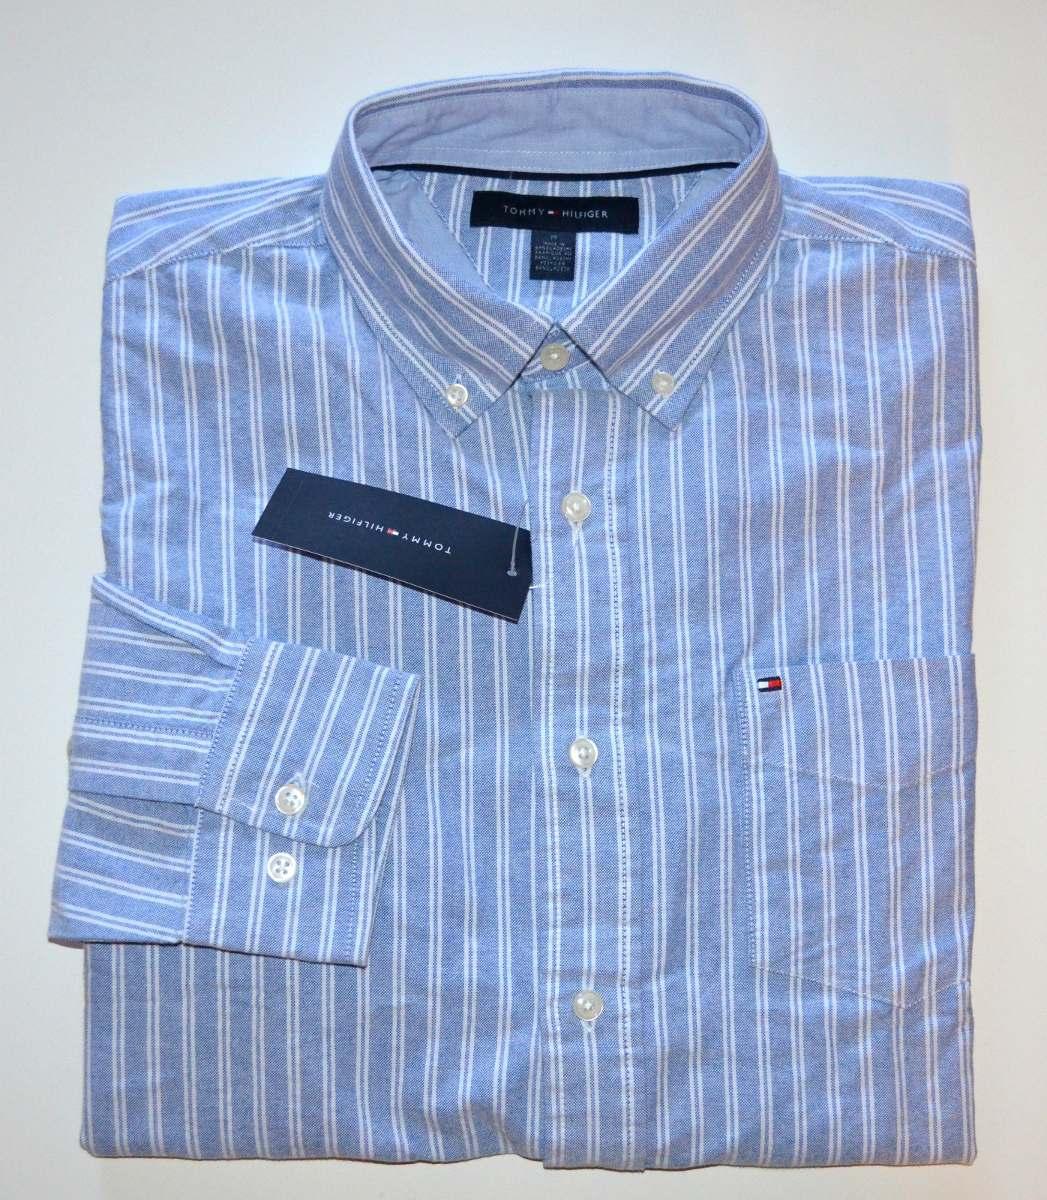 camisa social tommy hilfiger original - pronta entrega. Carregando zoom. 43821e0b9353b